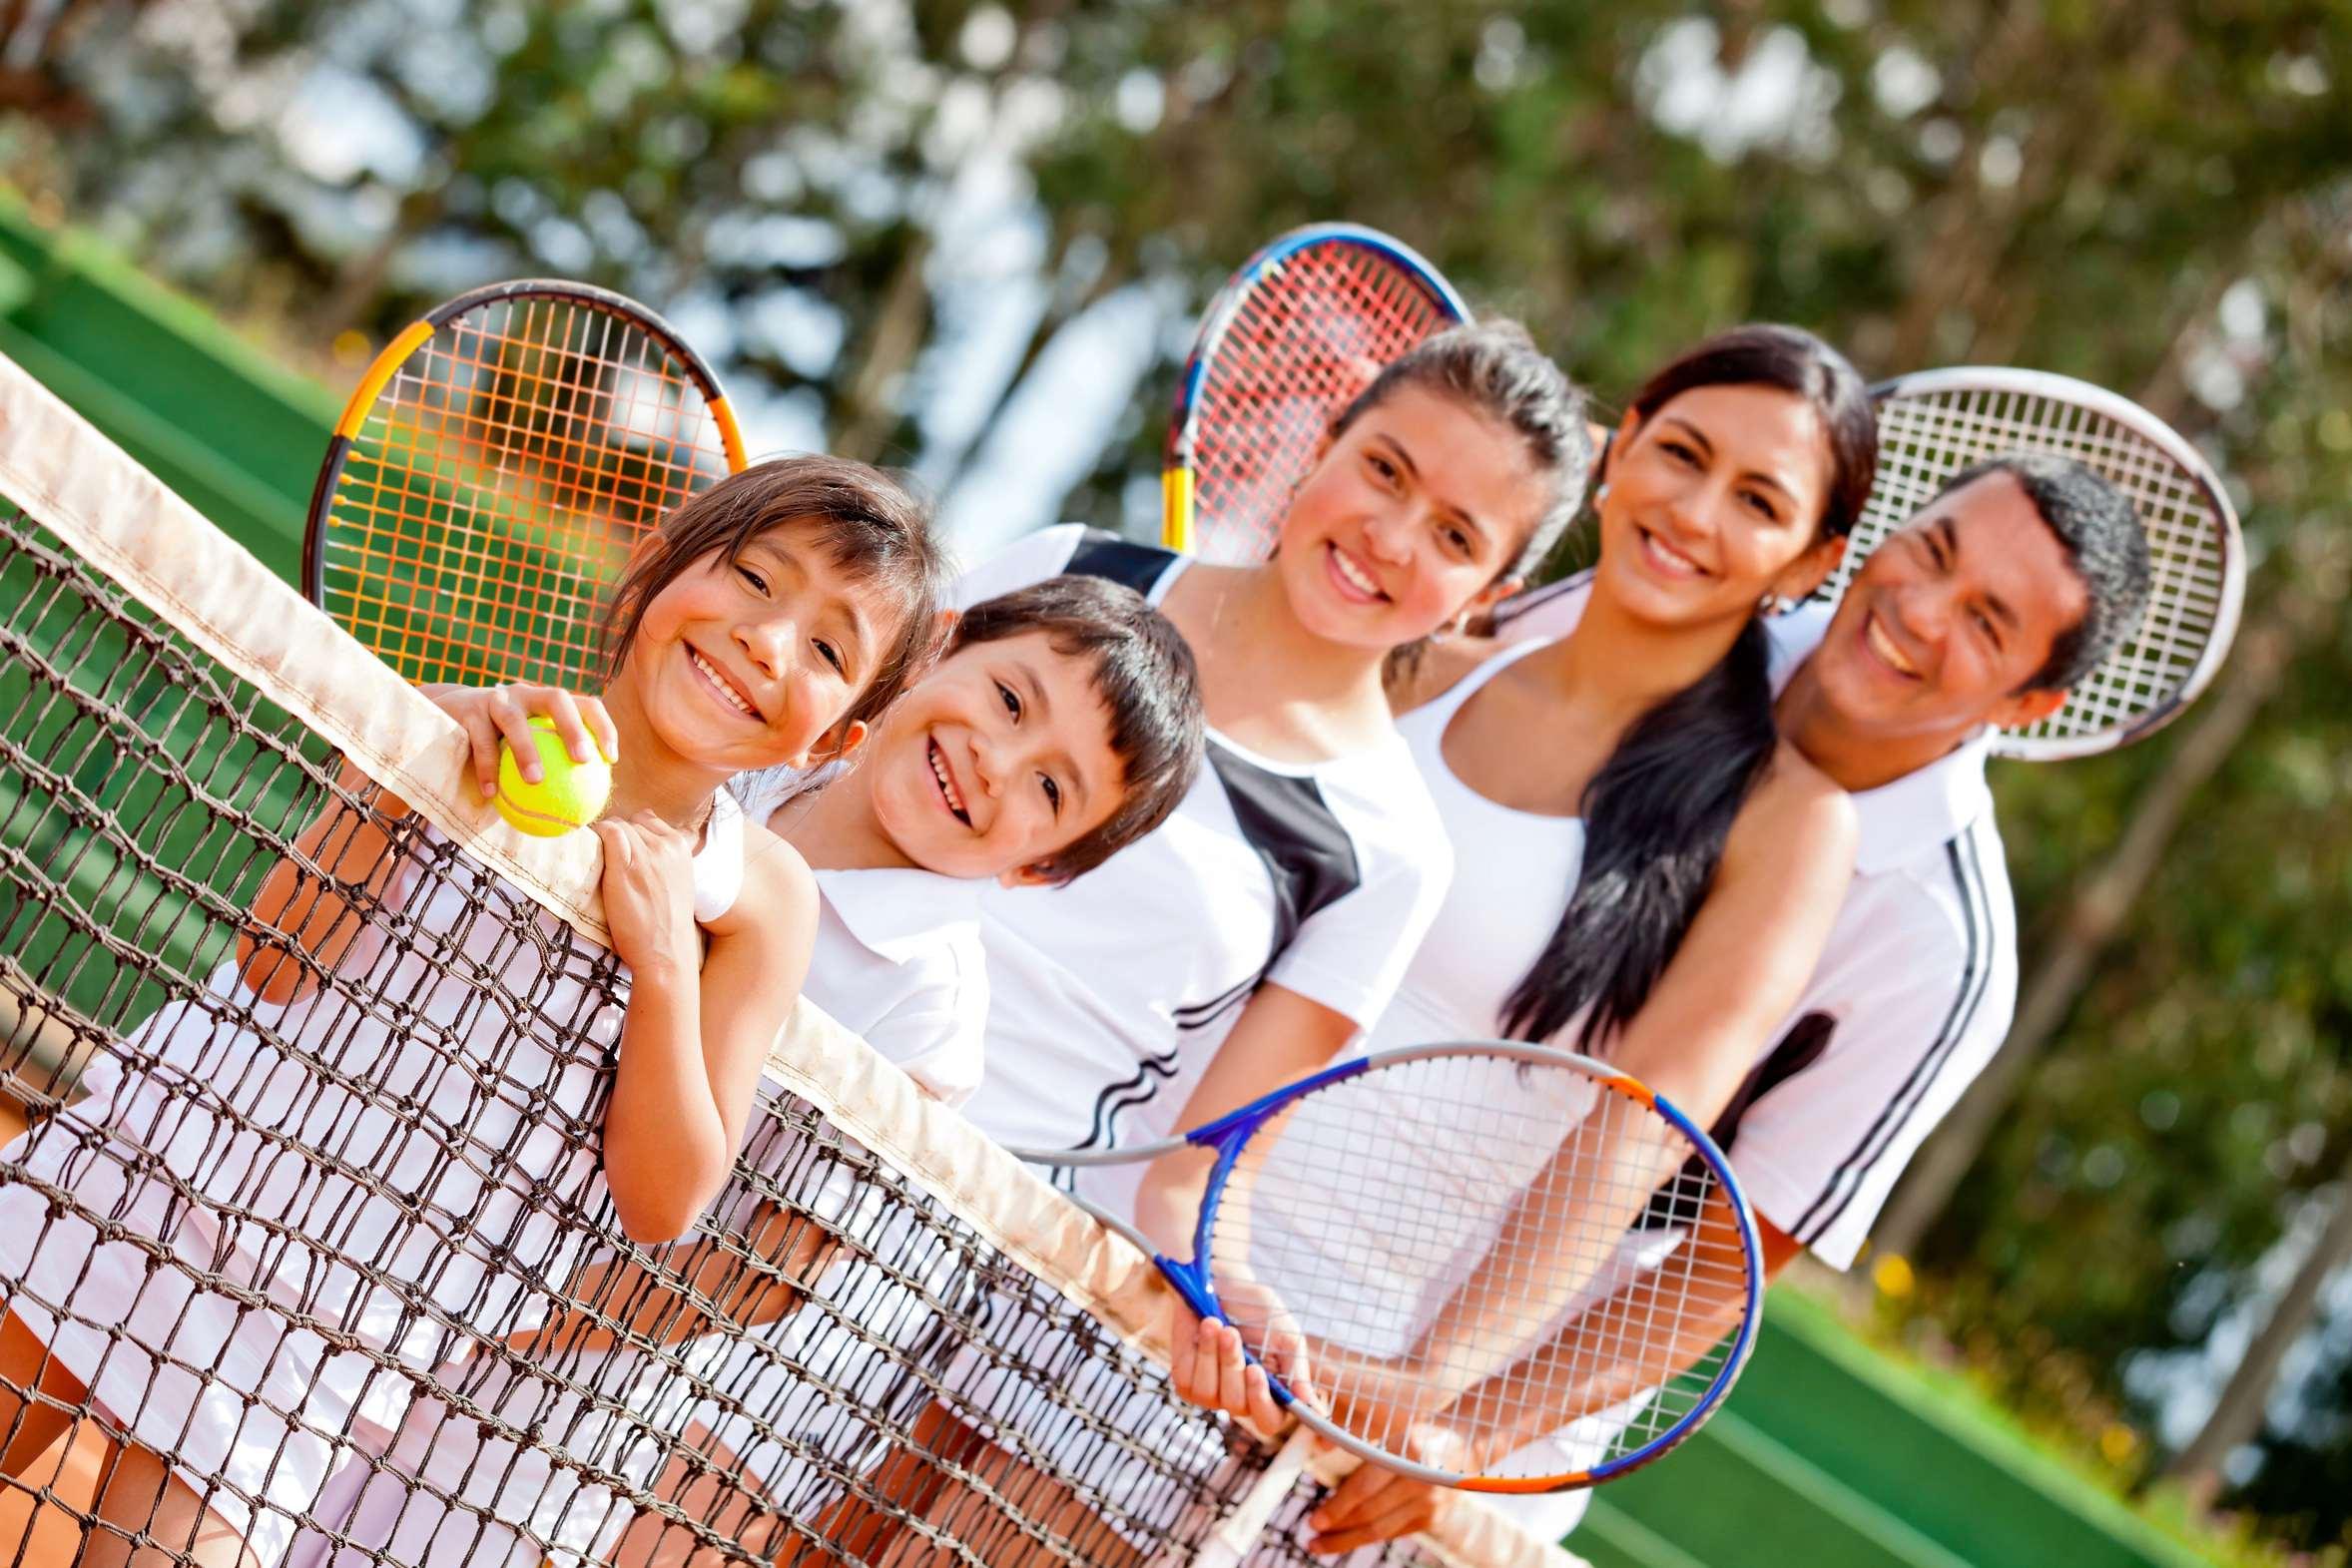 Tennisfamilie auf dem Tennisplatz.